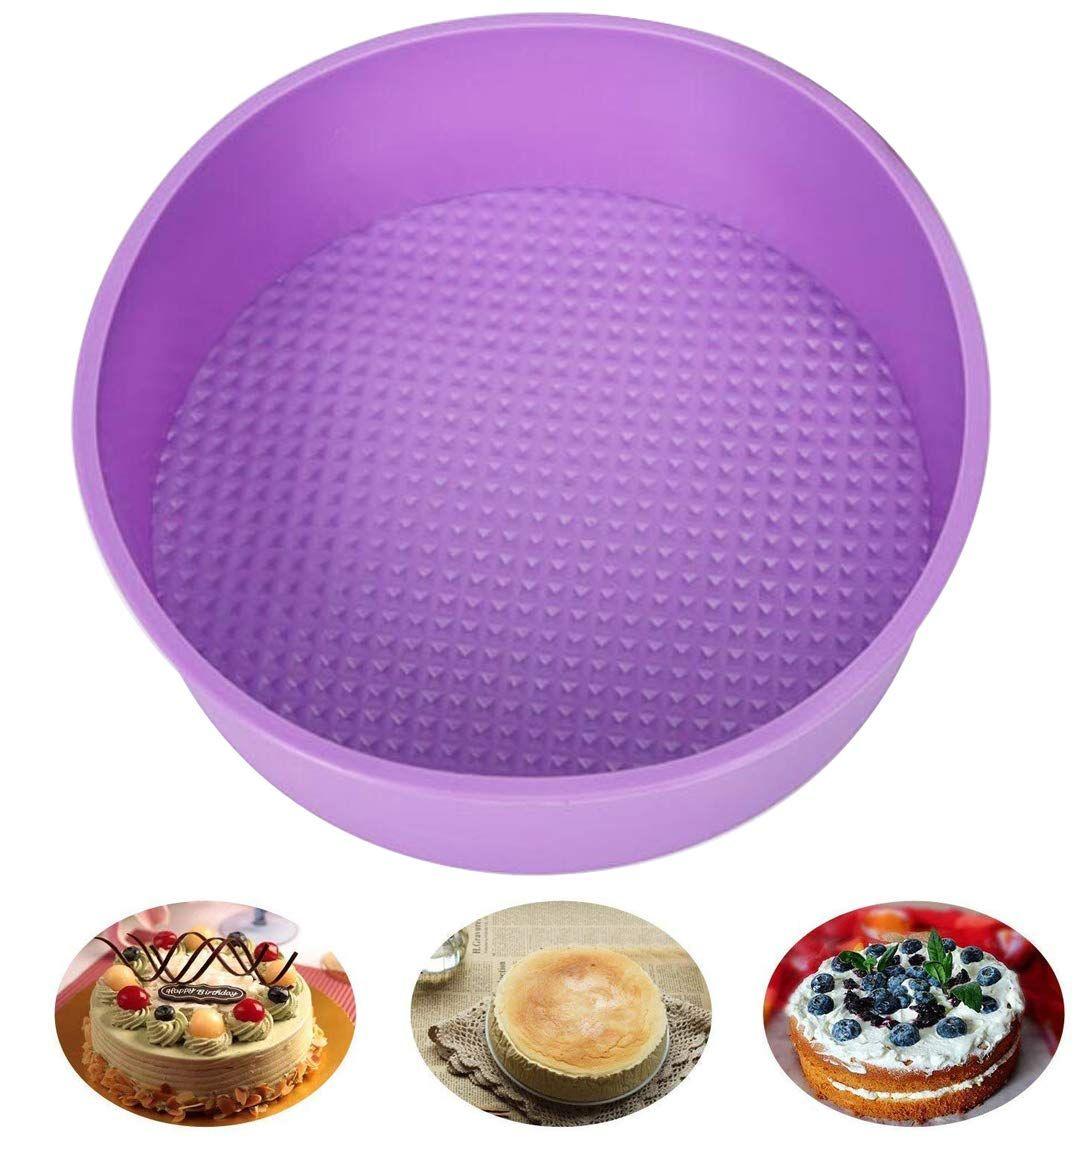 Baking silicone 10inch round cake pan baking mold bpa